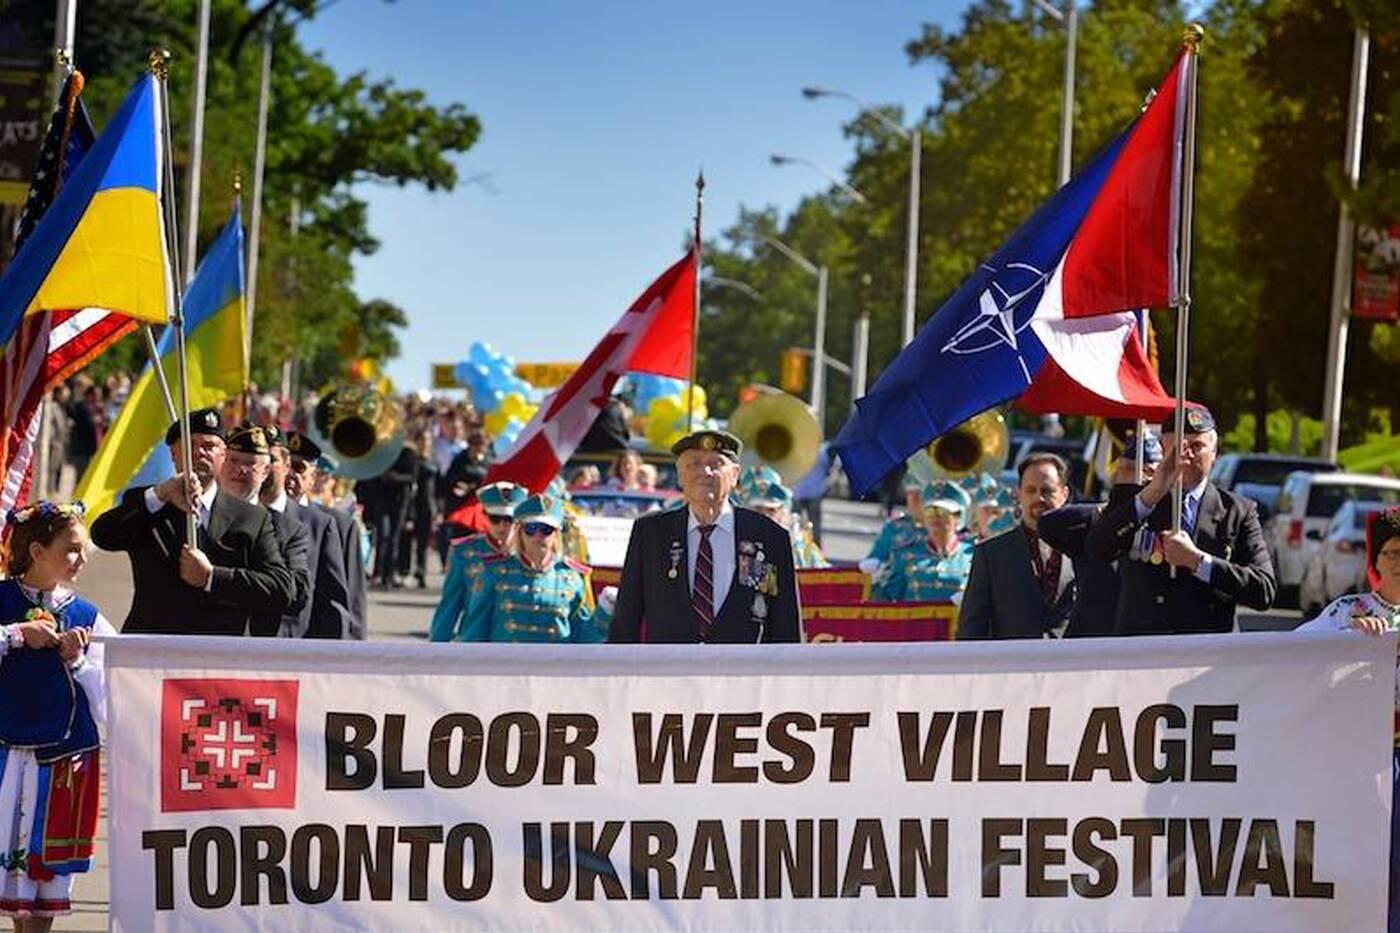 bloor west village toronto